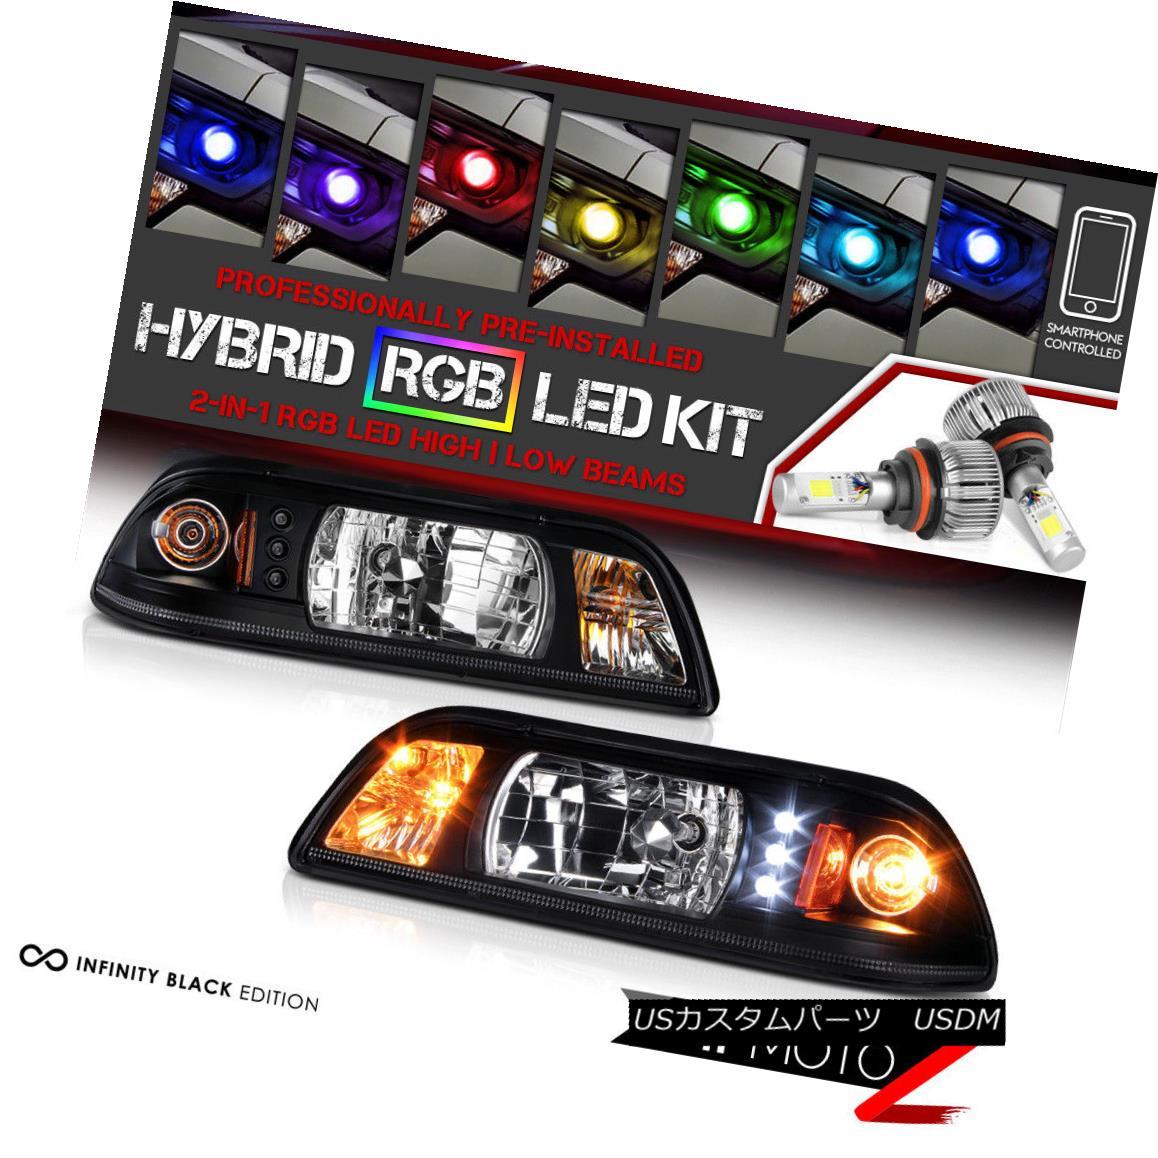 ヘッドライト [Bluetooth RGB LED Bulbs] Black 1PC Headlight Signal Lamp 87-93 Ford Mustang GT [ブルートゥースRGB LED電球]黒1PCヘッドライト信号ランプ87-93フォードマスタングGT